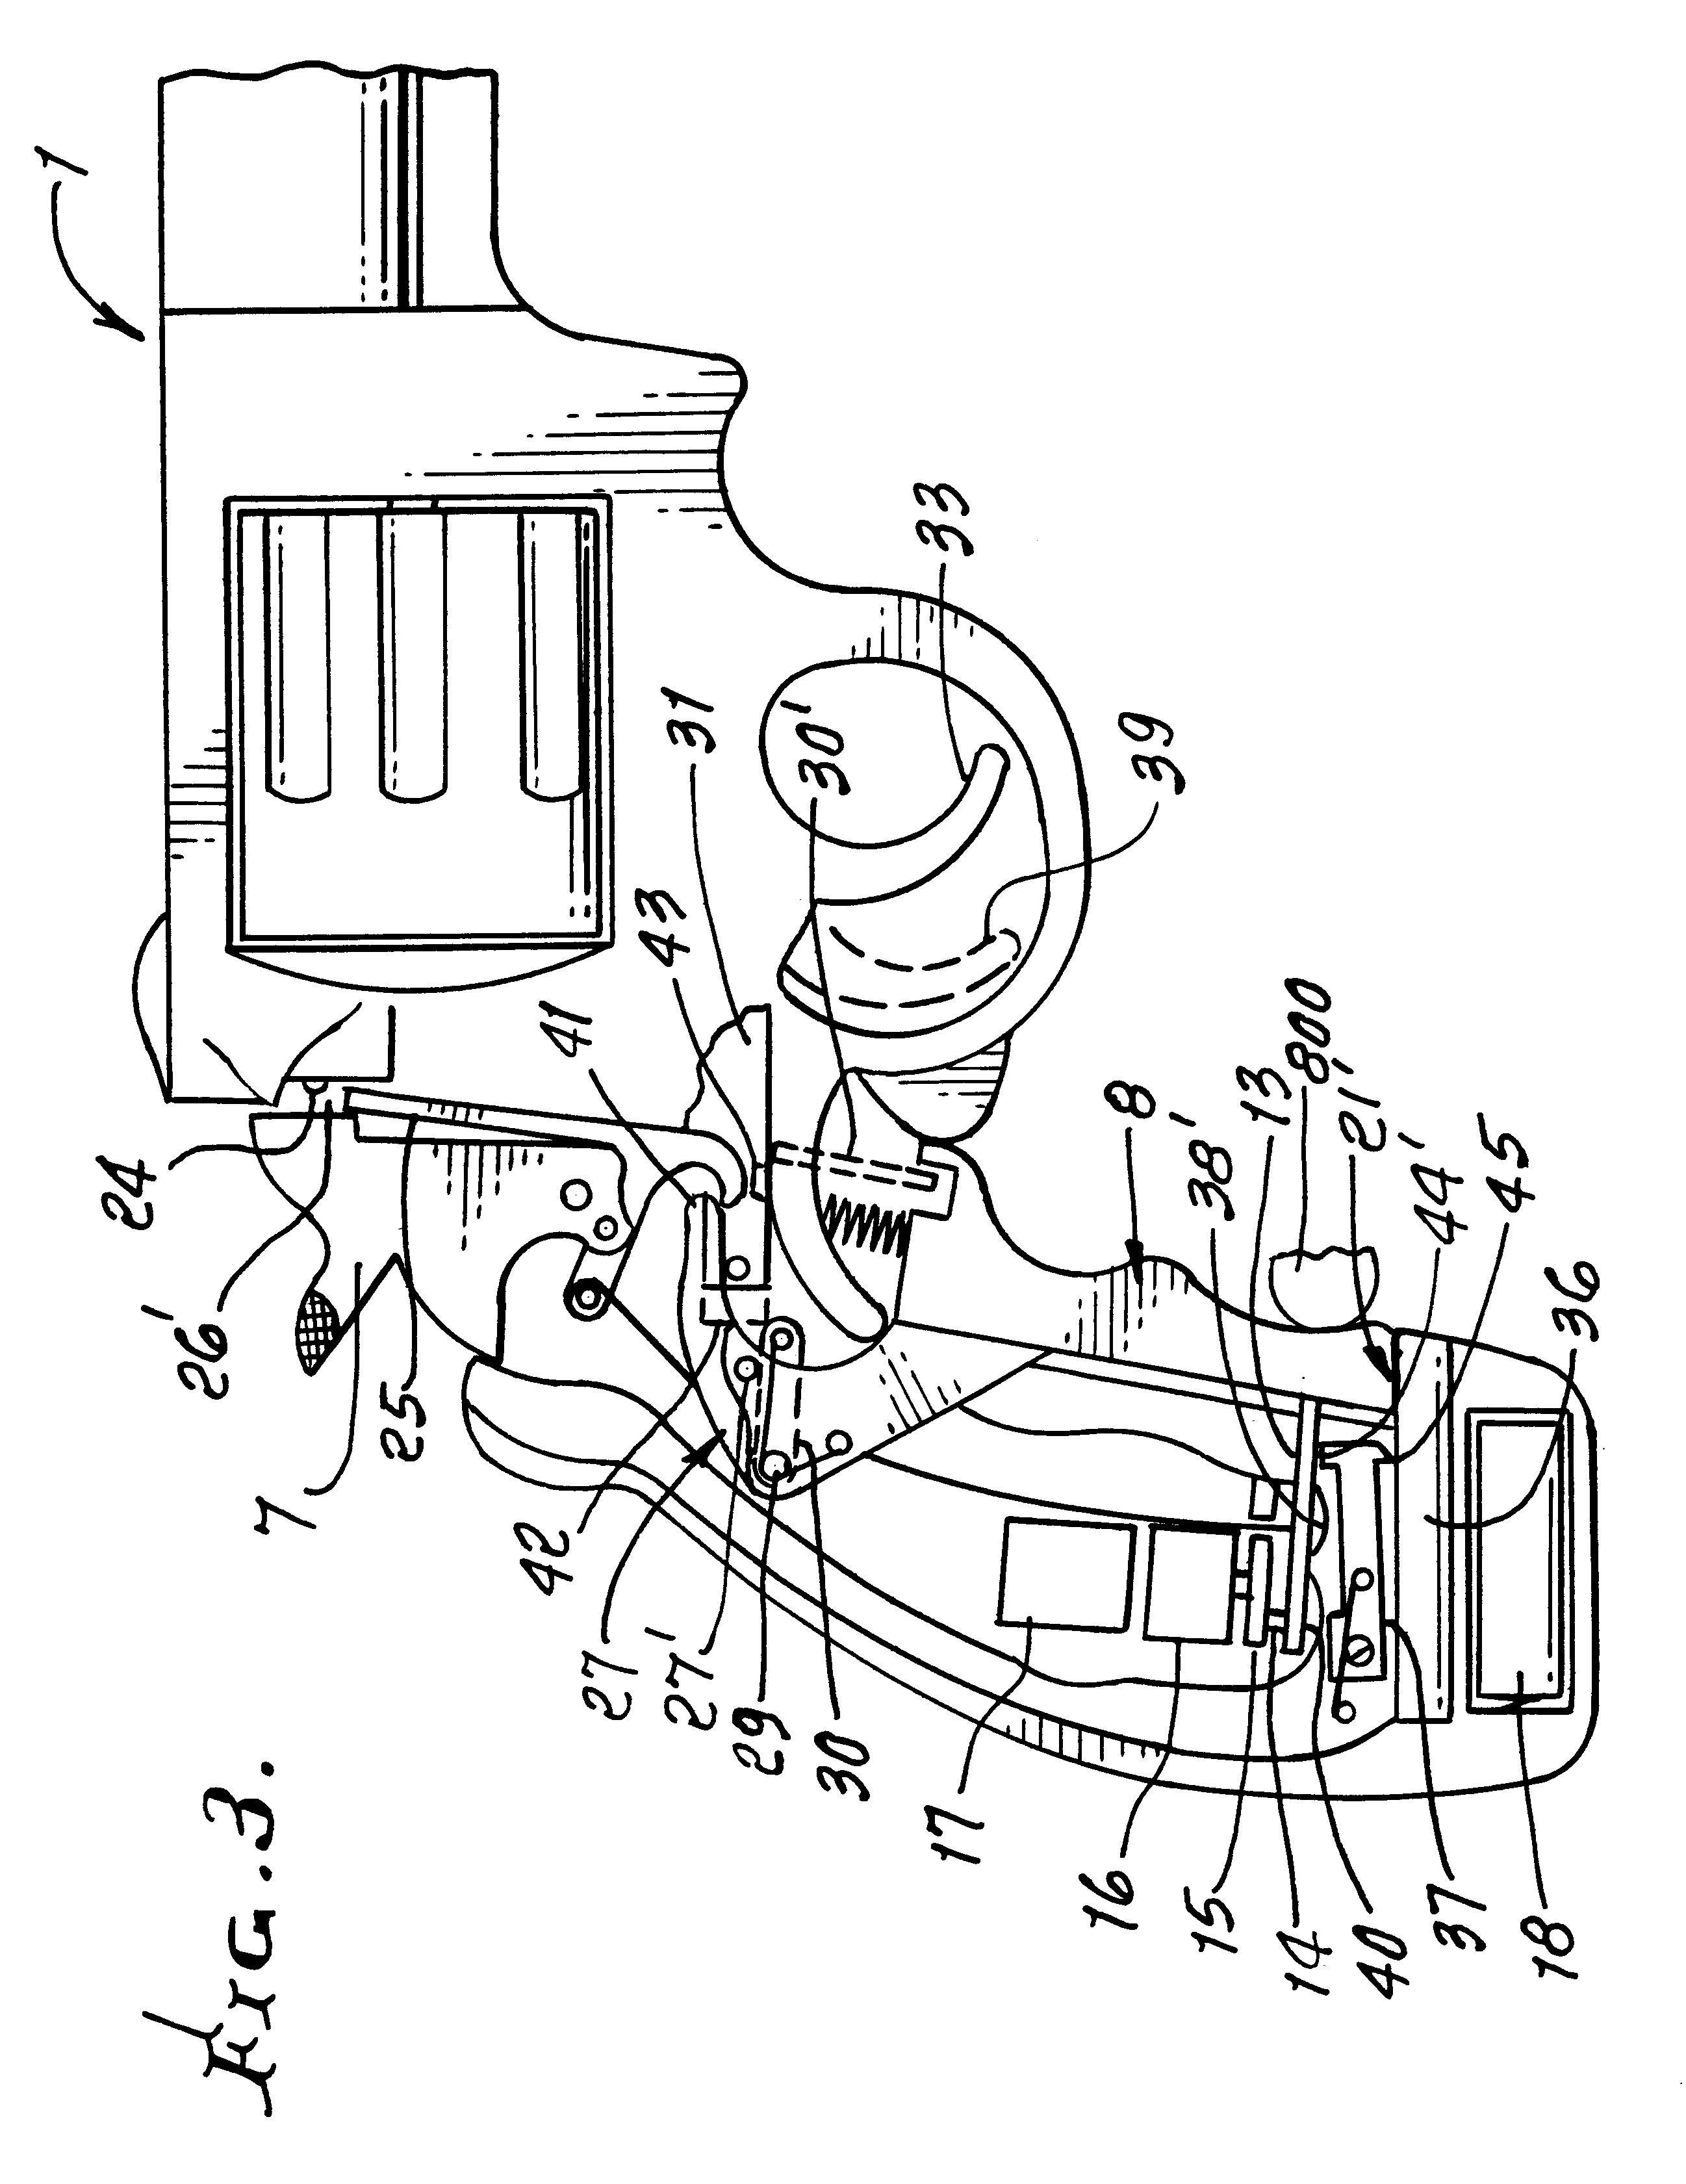 patent us6442880